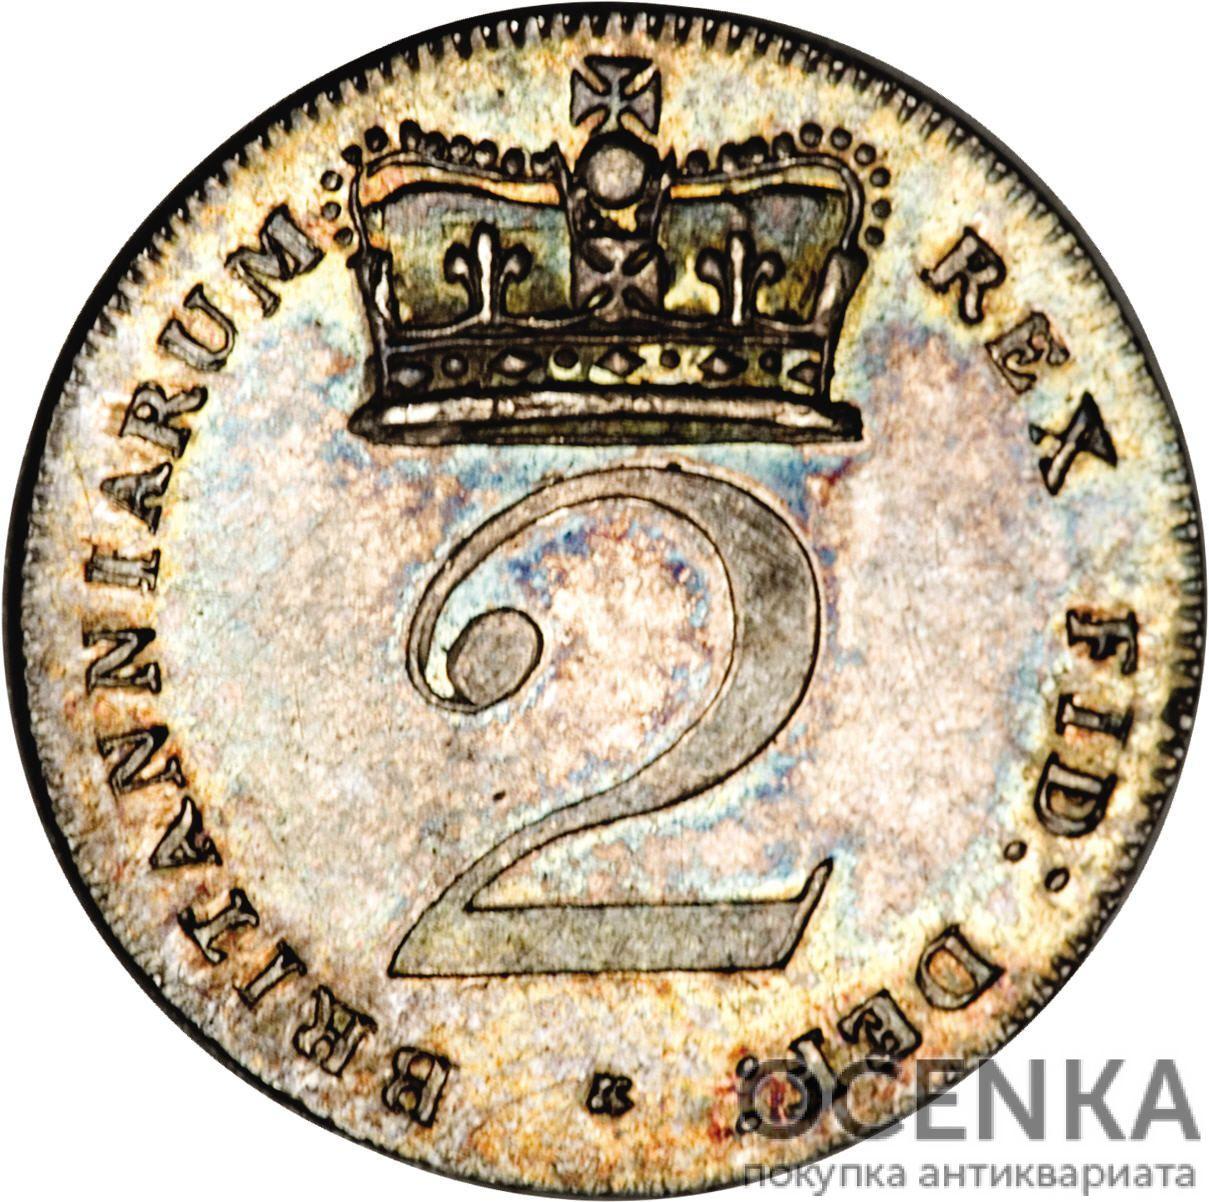 Серебряная монета 2 Пенса (2 Pence) Великобритания - 2